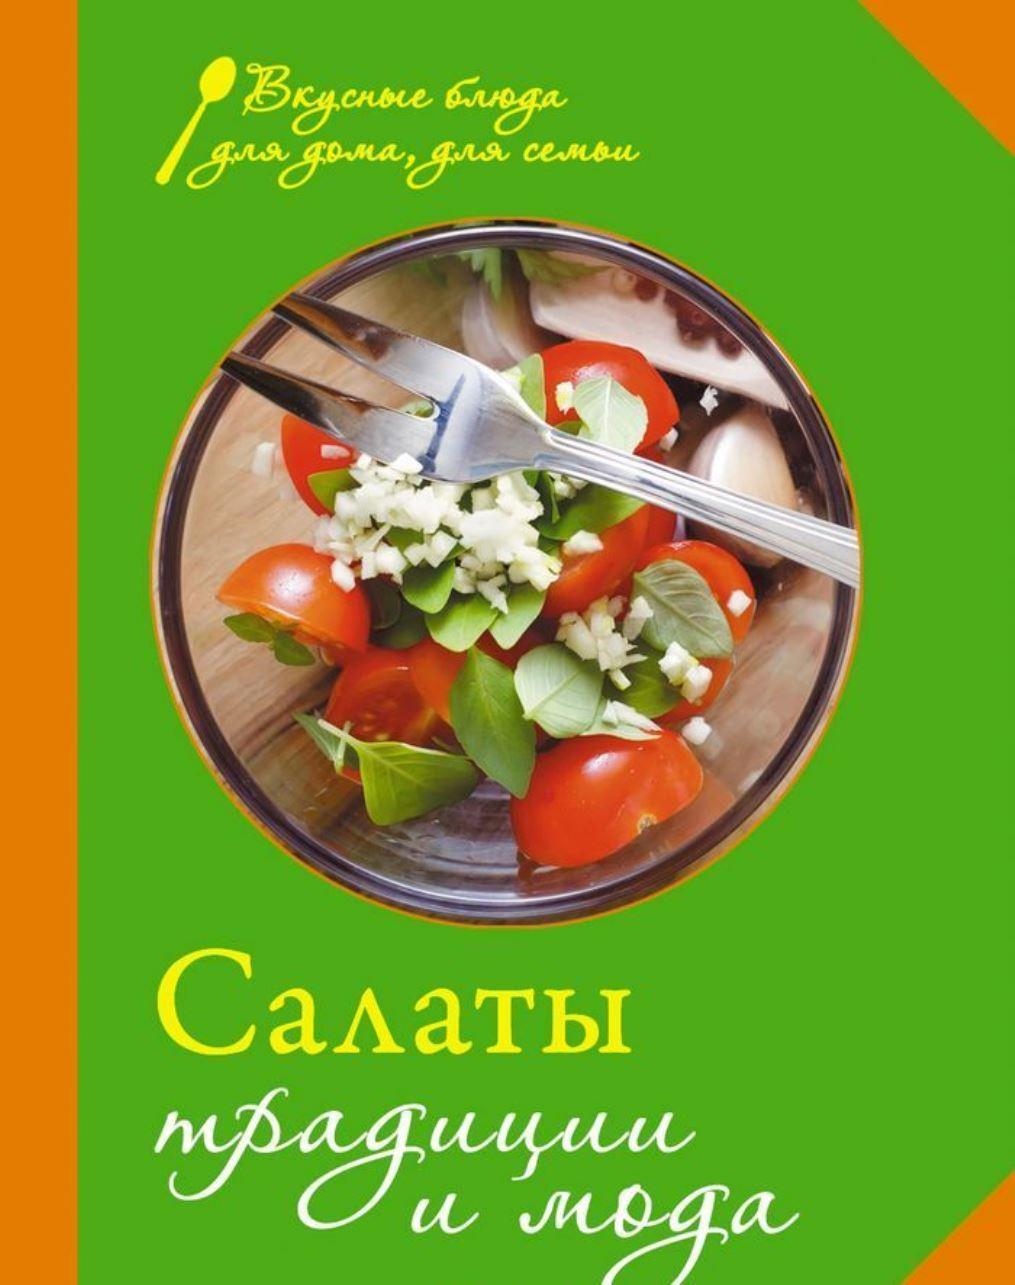 Онлайн каталог PROMENU: Книга «Cалаты. Традиции и мода» Books Books SM02